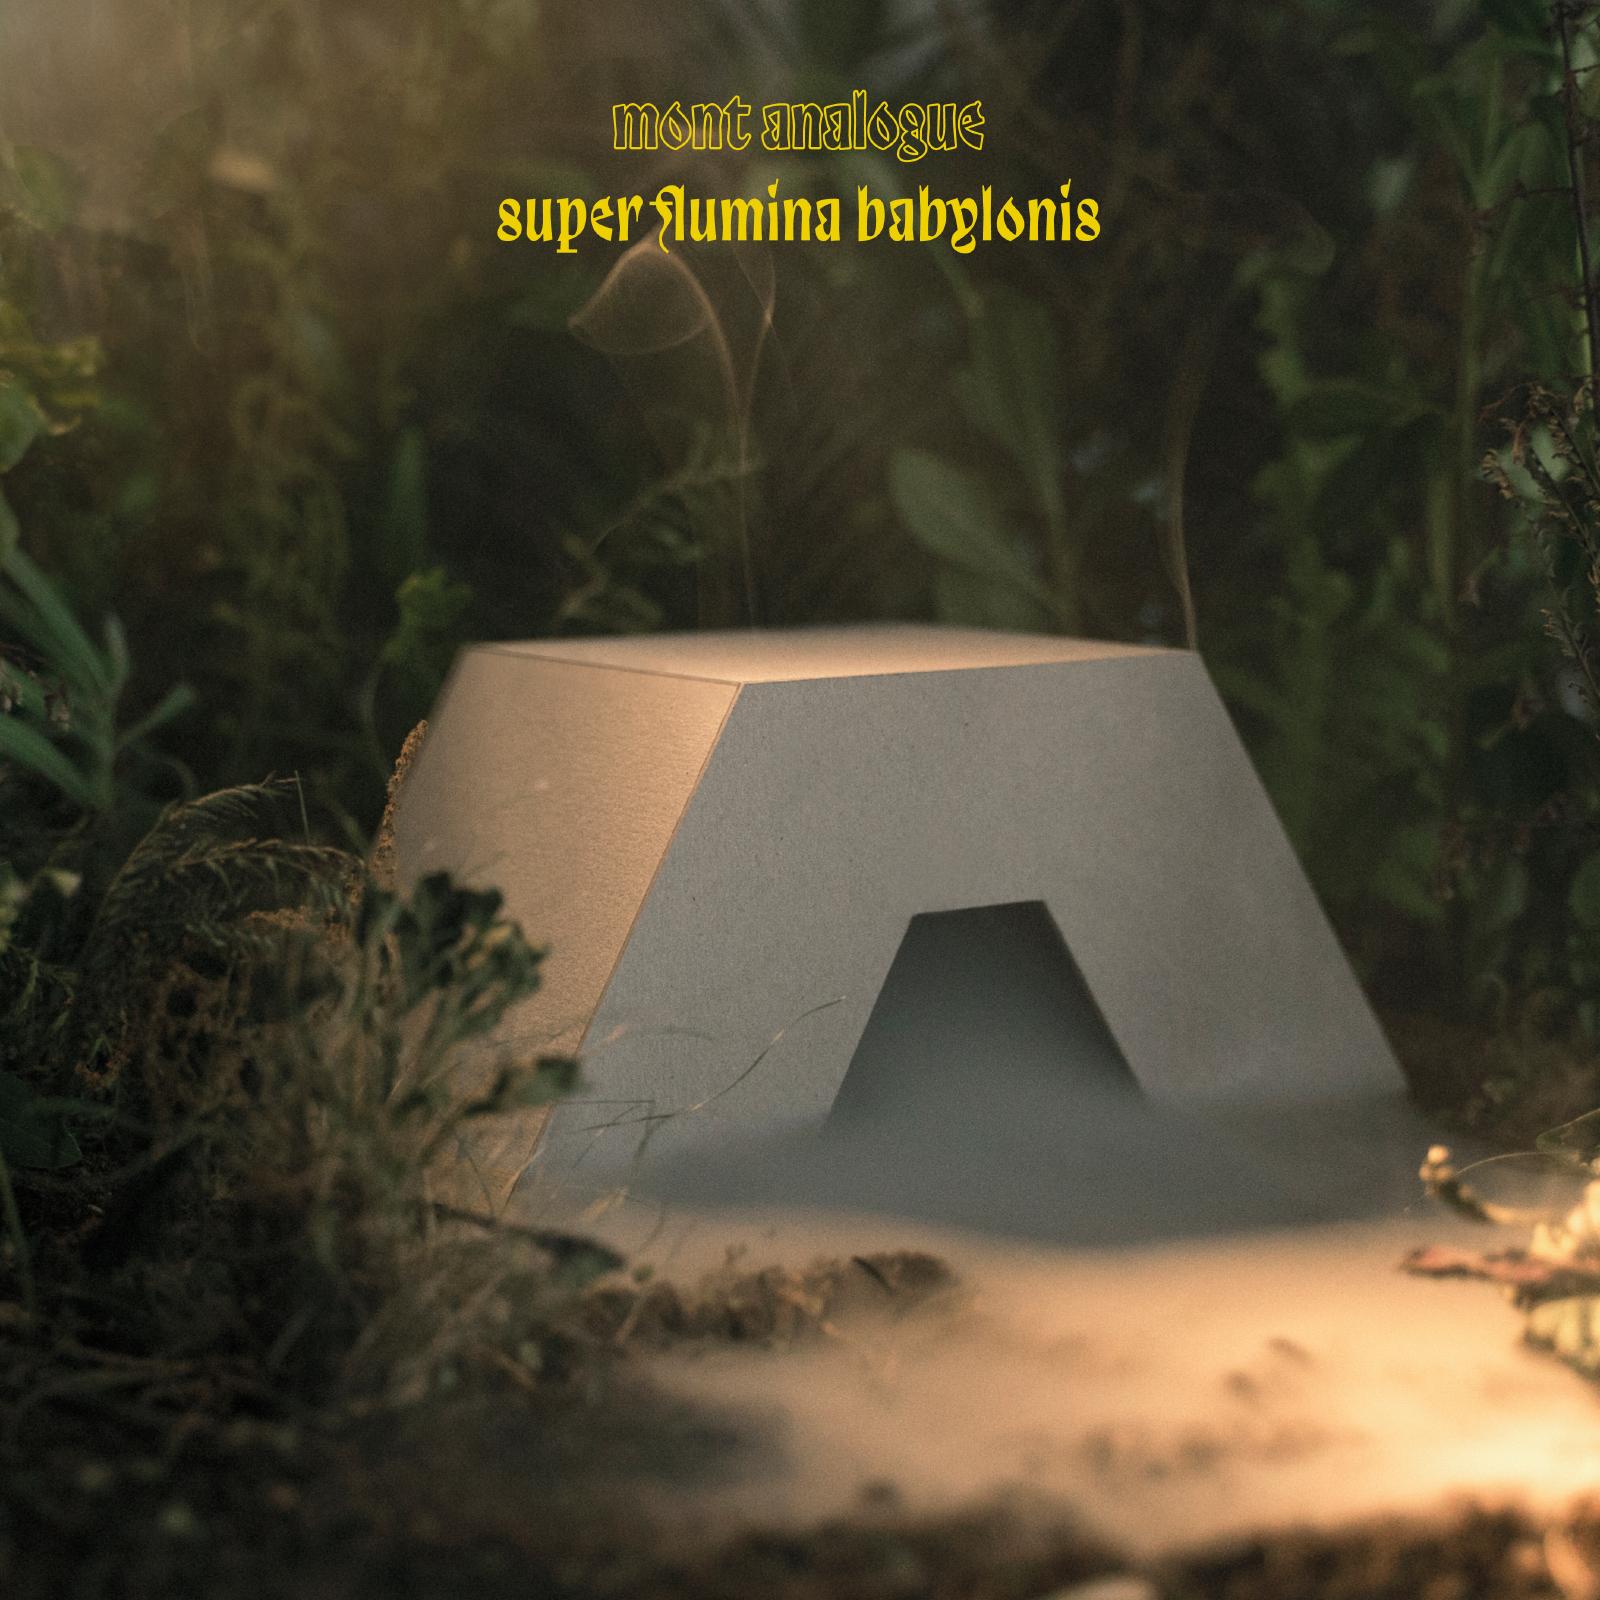 [Playlist Release Party] Vice City par Mont Analogue